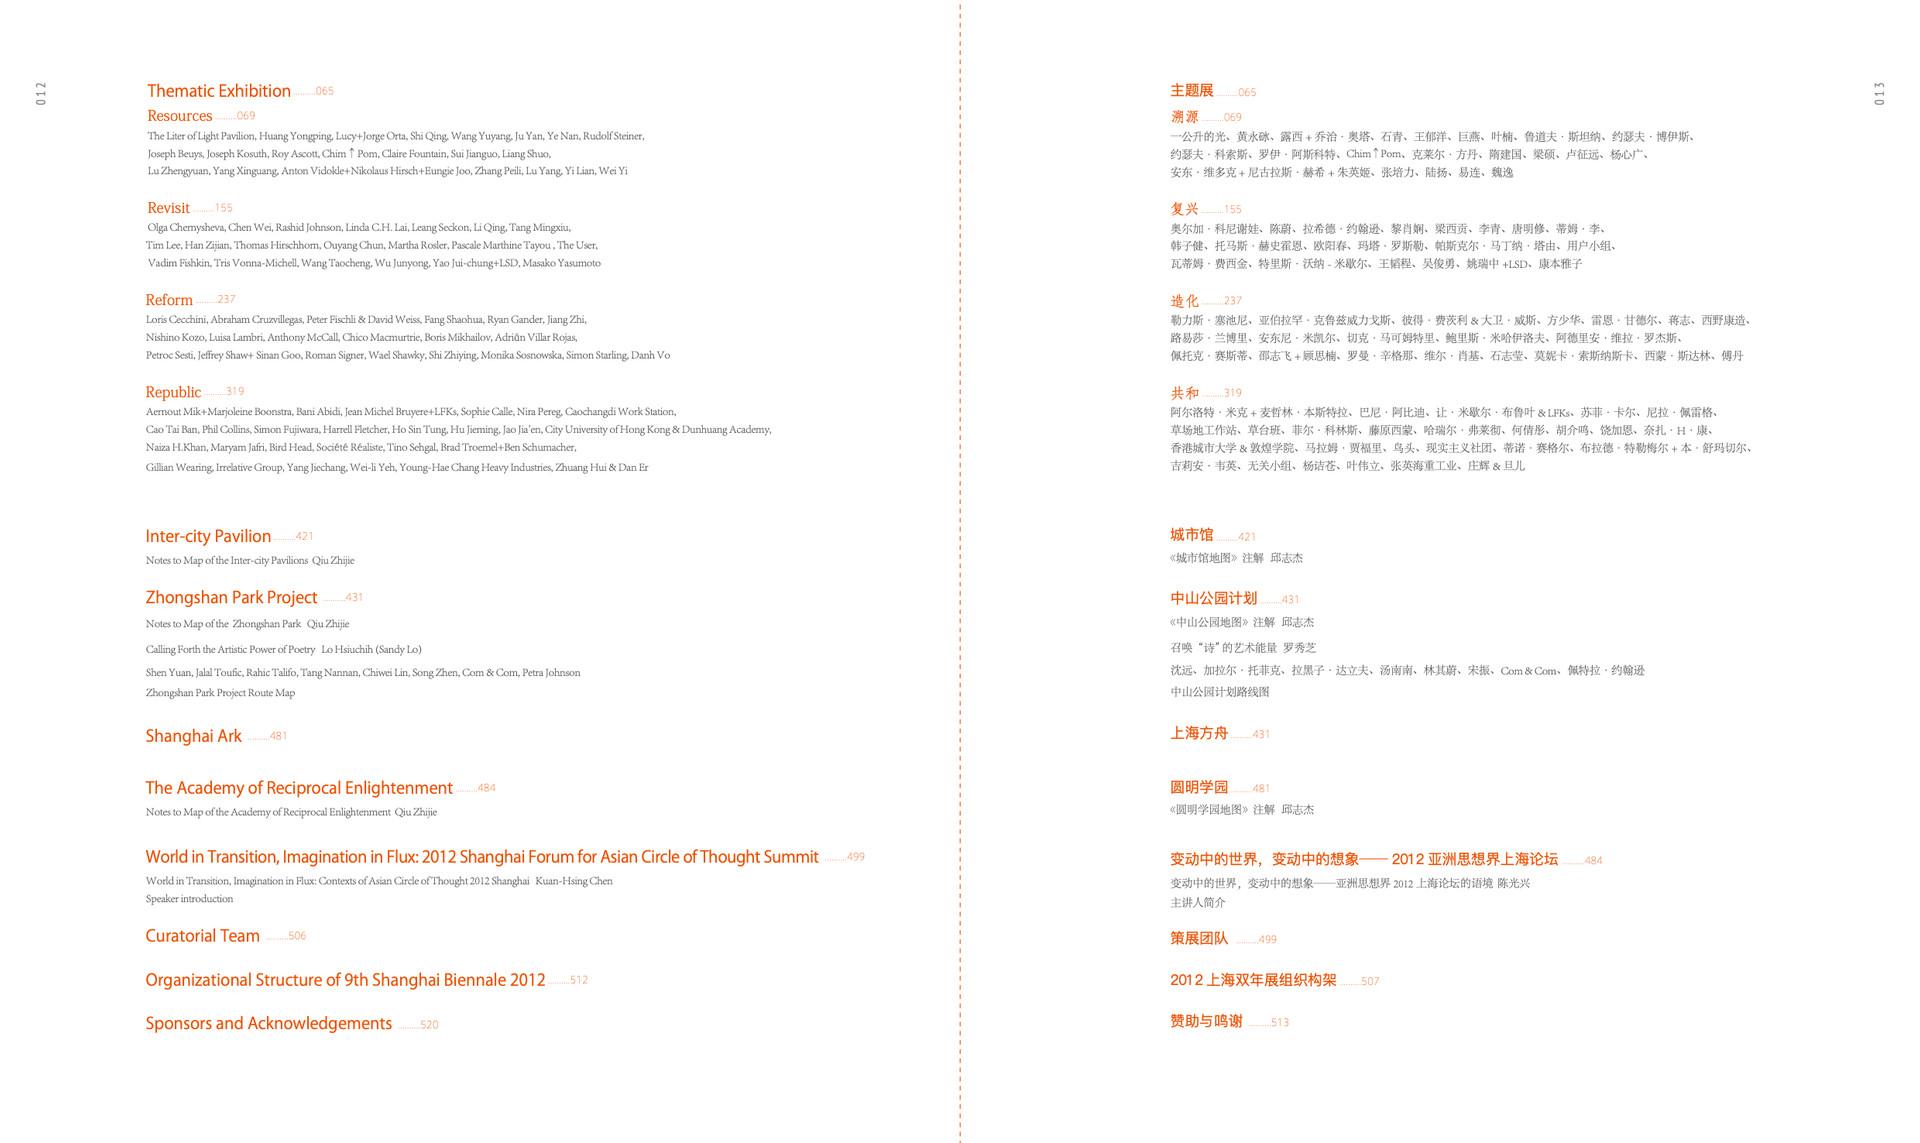 重新发电上海双年展画册4.jpg